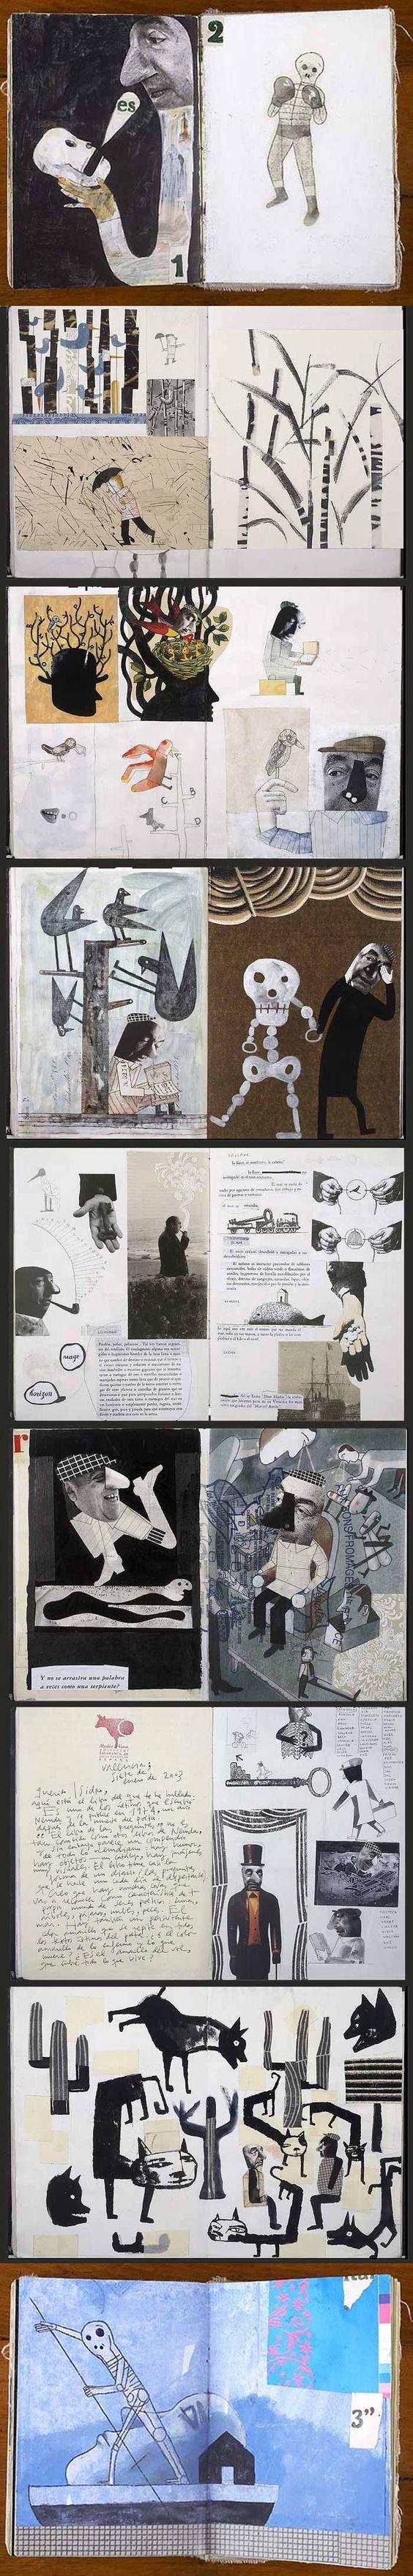 Art Journal/Isidro Ferrer: 2